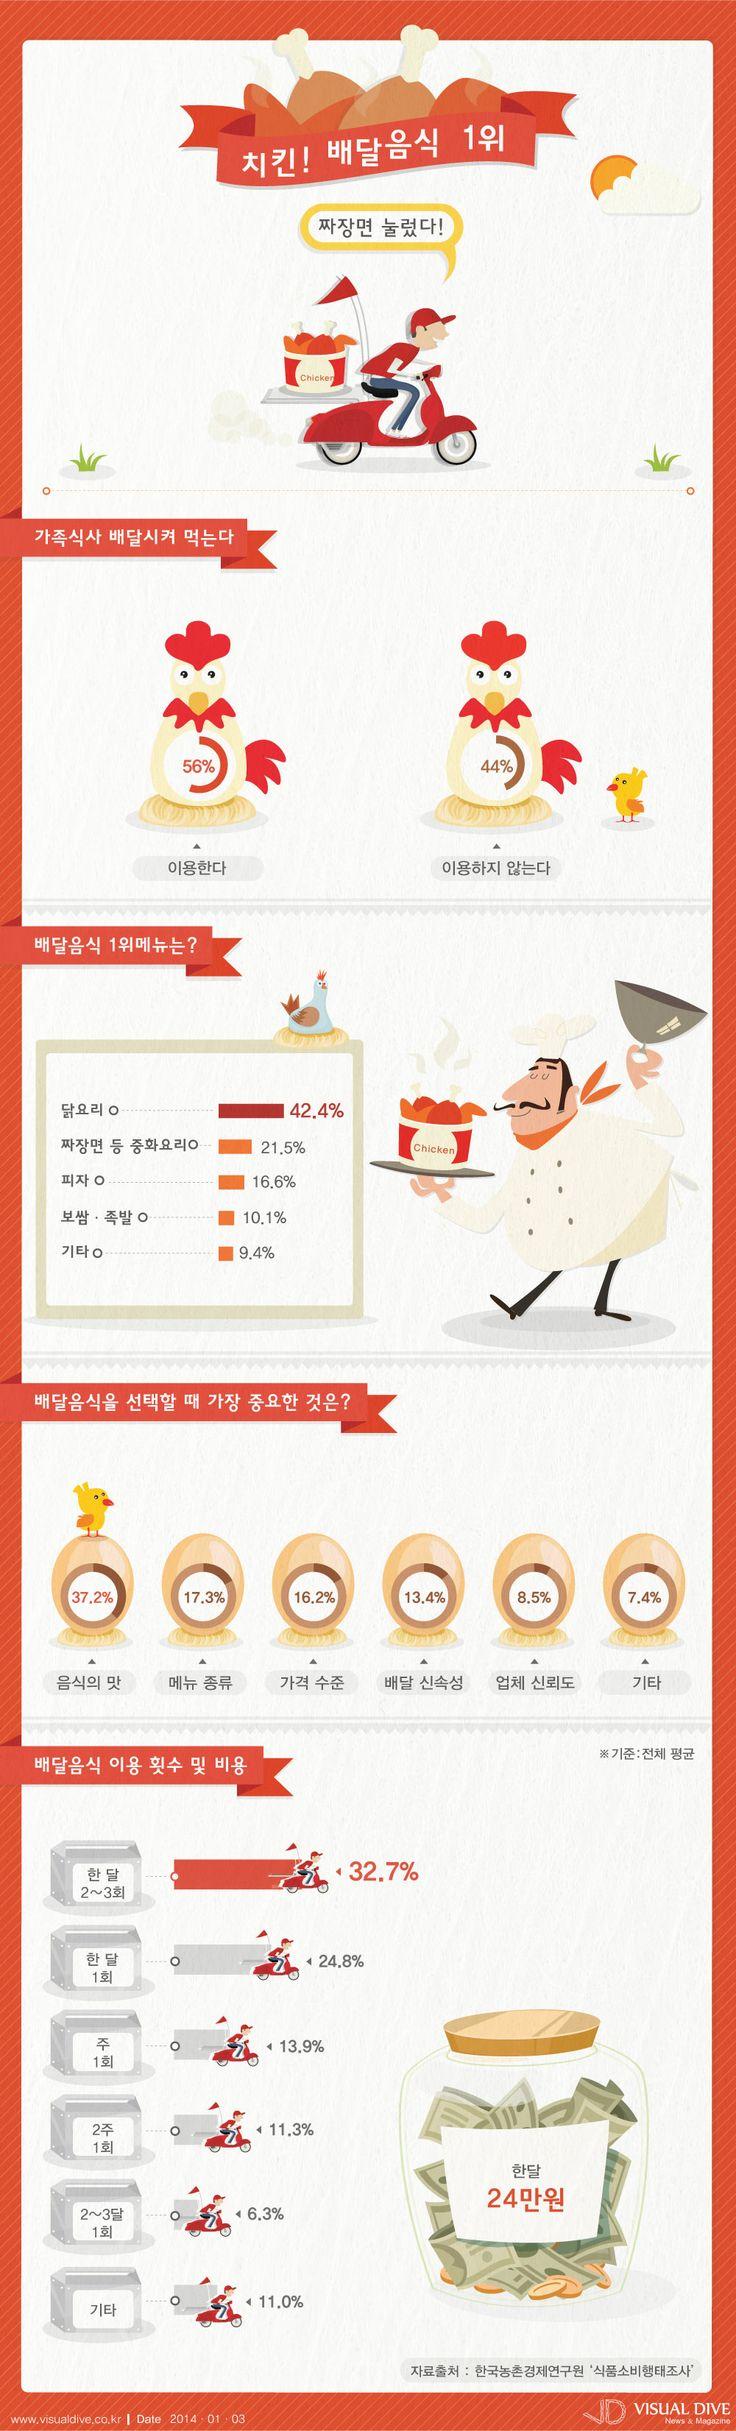 [인포그래픽] 배달음식 1위 치킨…짜장면 눌렀다 #chicken / #Infographic ⓒ 비주얼다이브 무단 복사·전재·재배포 금지